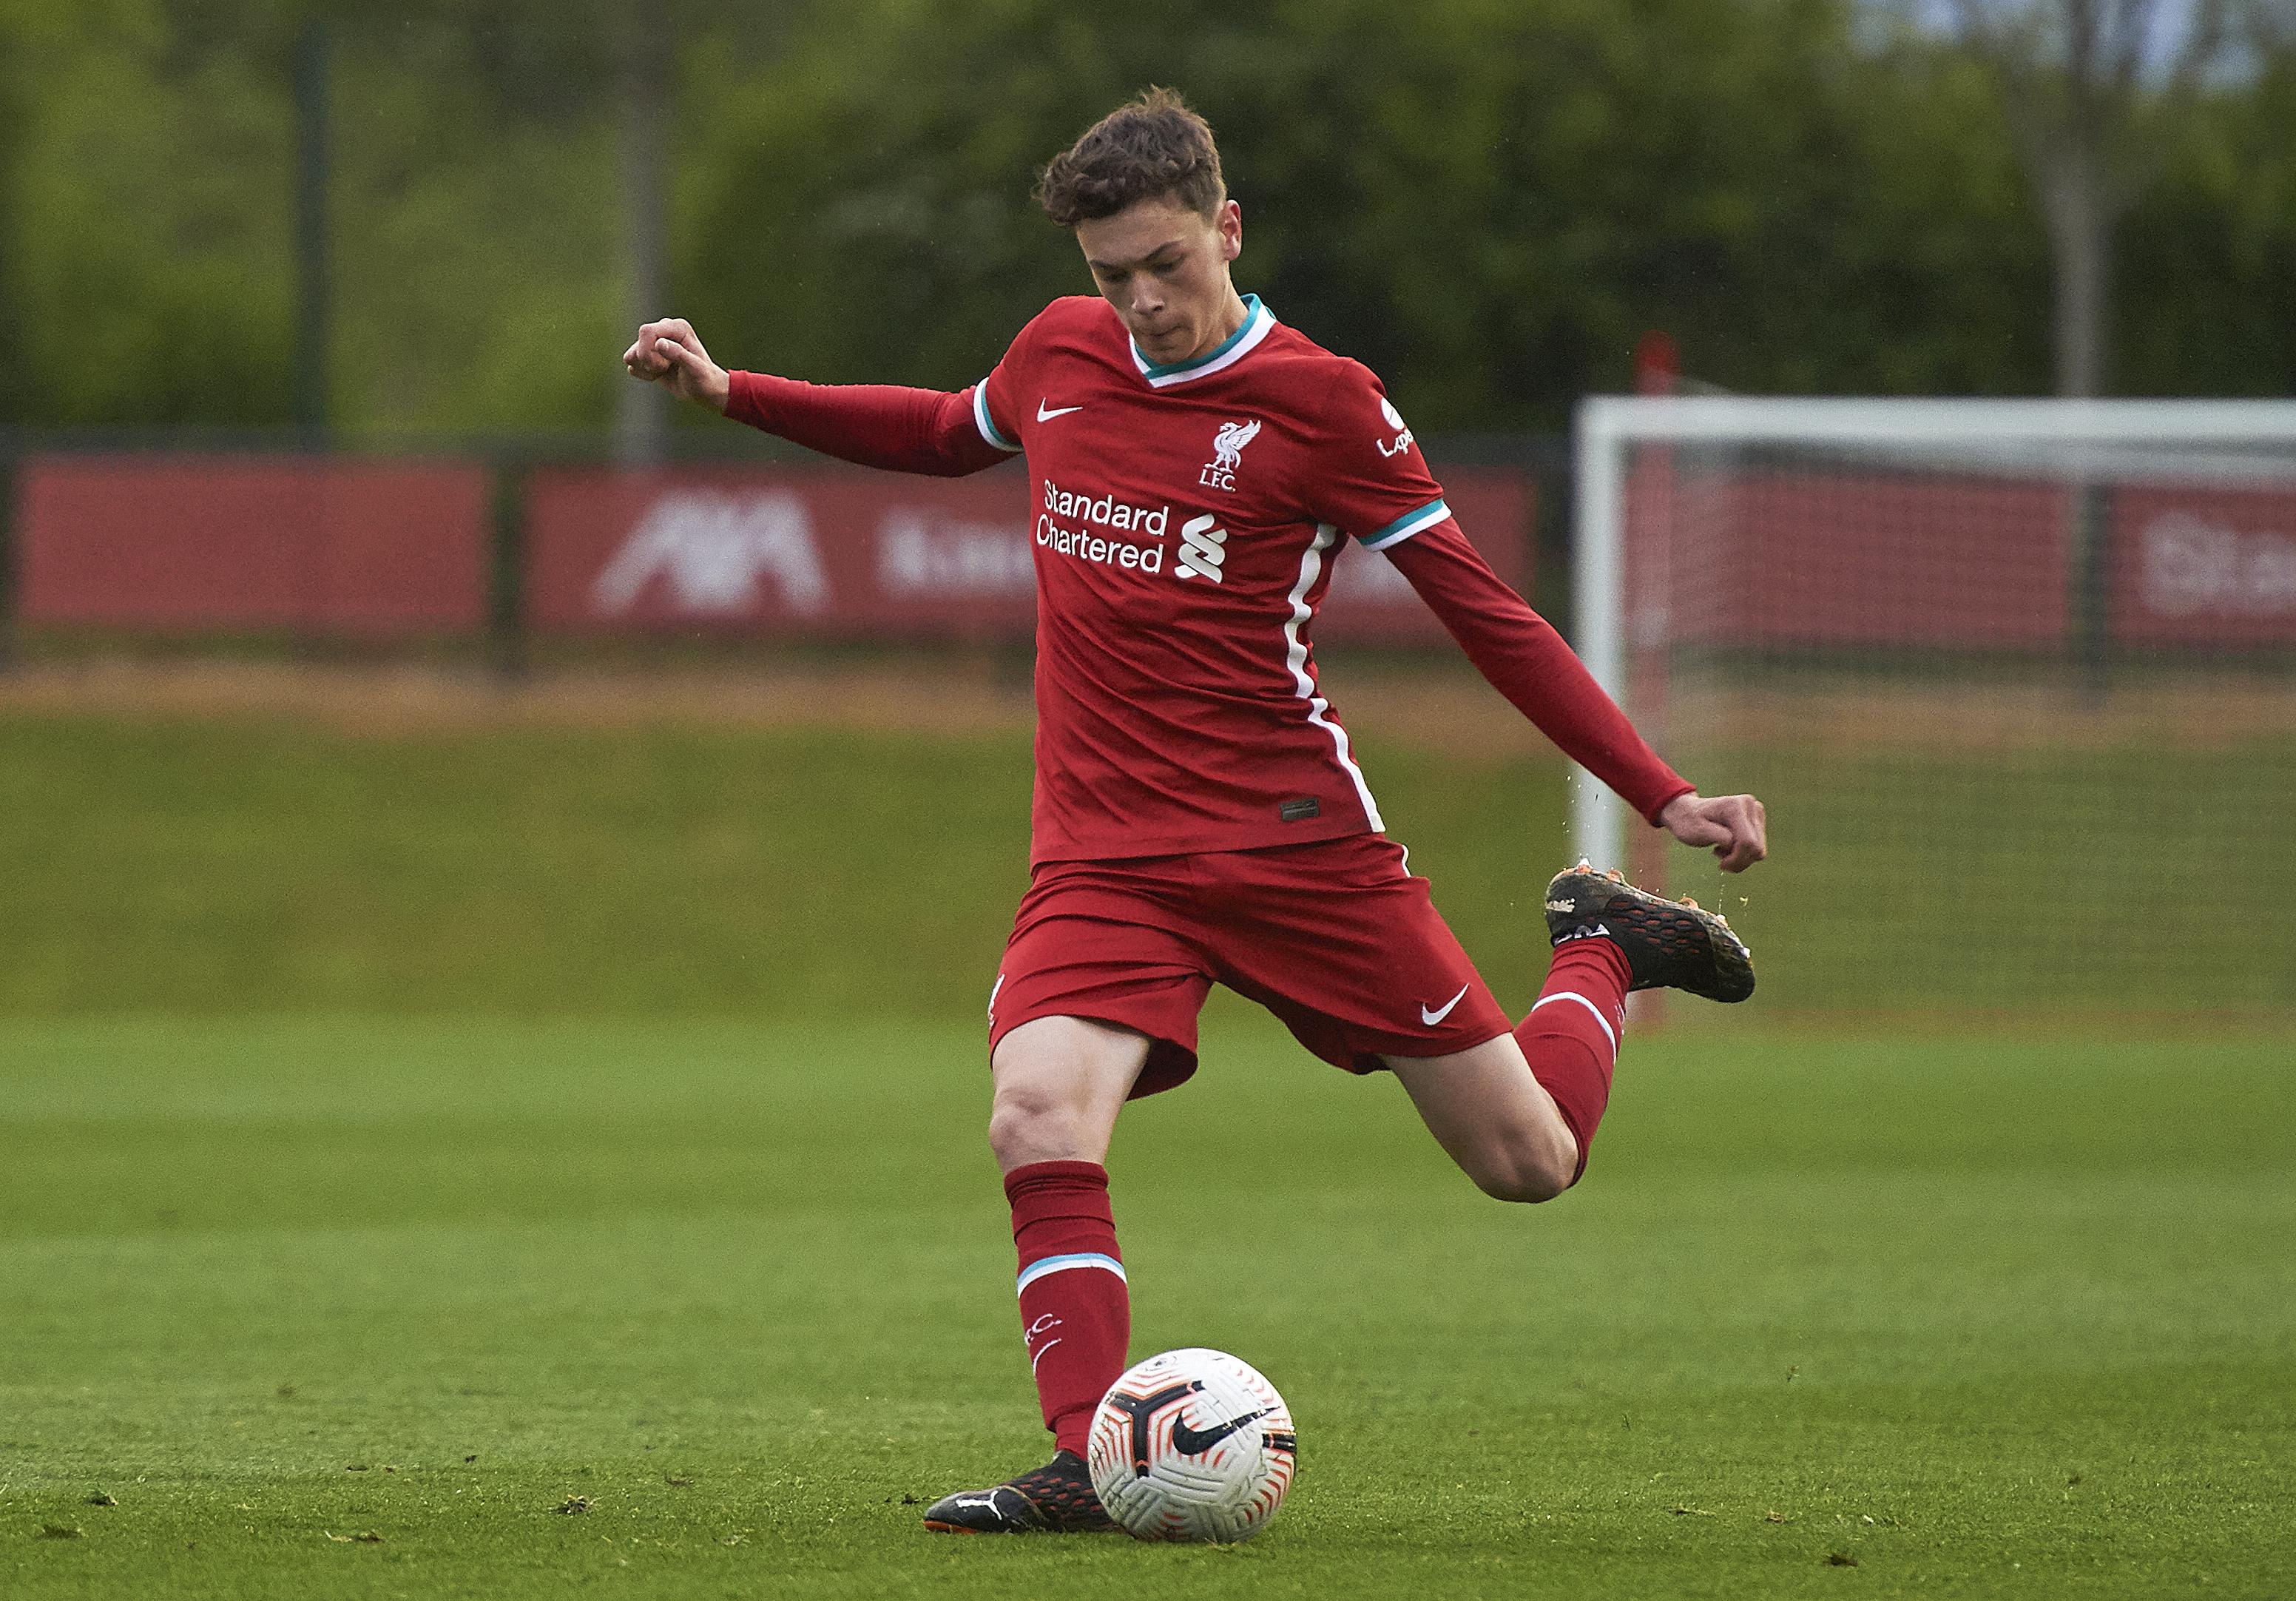 Liverpool U18 v Derby County U18: U18 Premier League